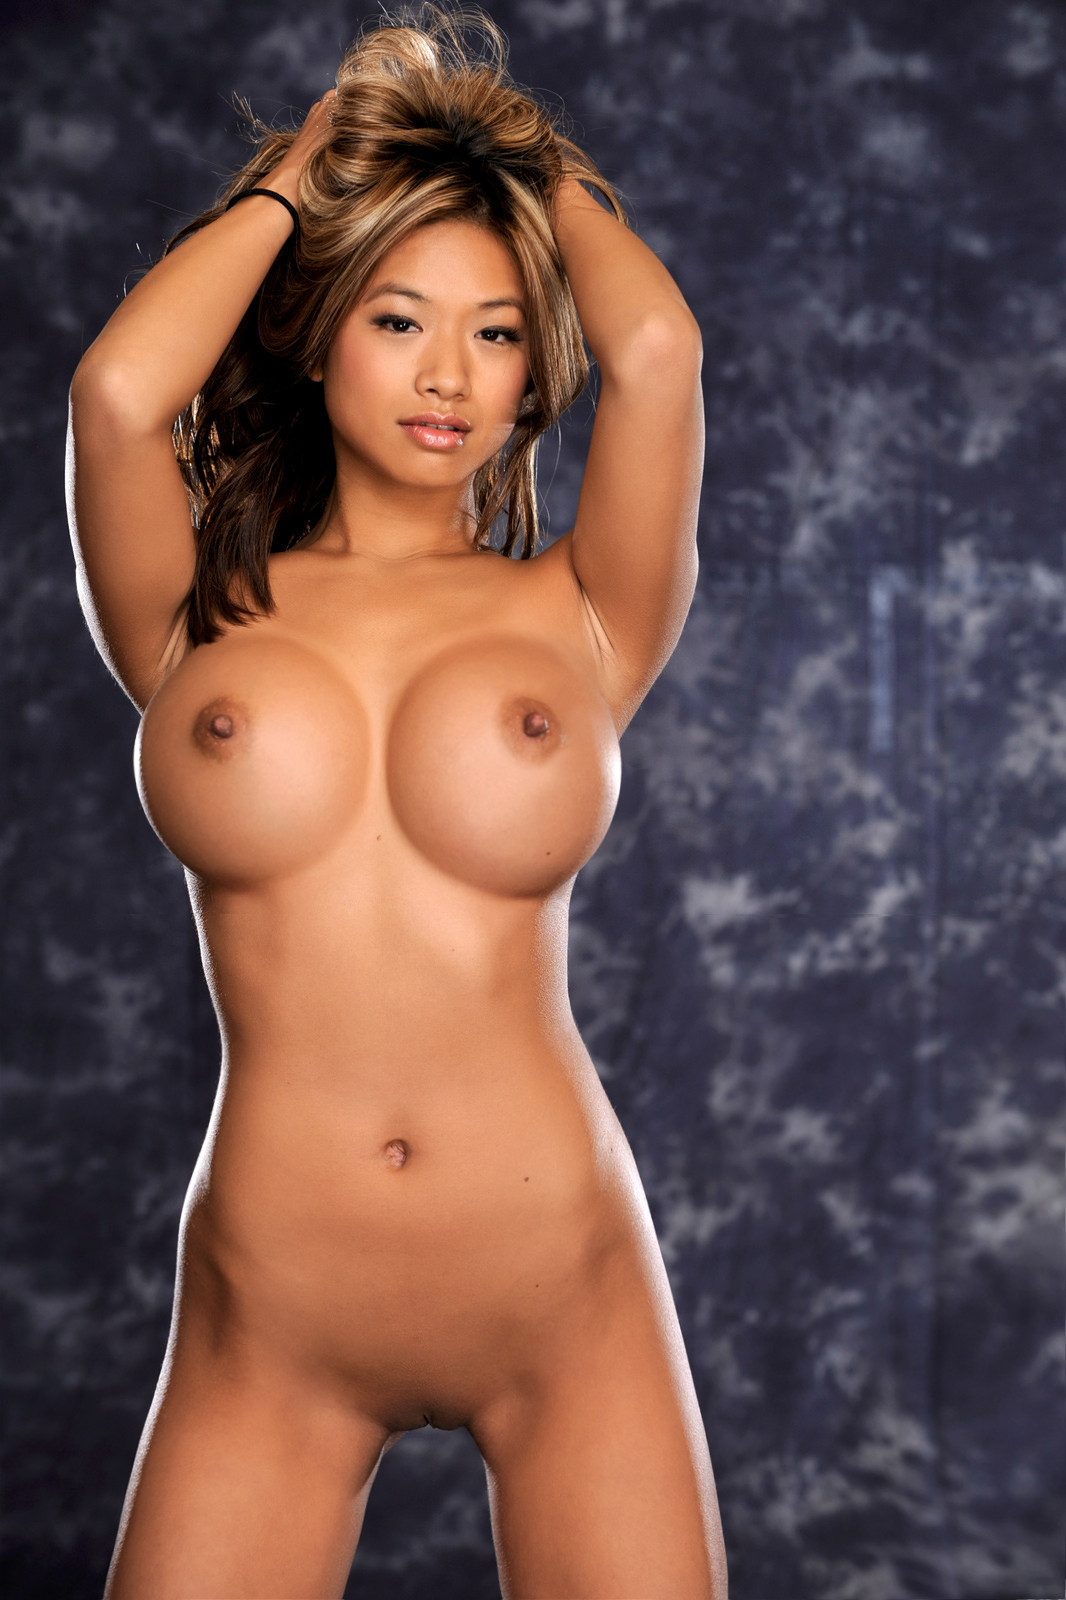 Perfect round big fake boobs photos